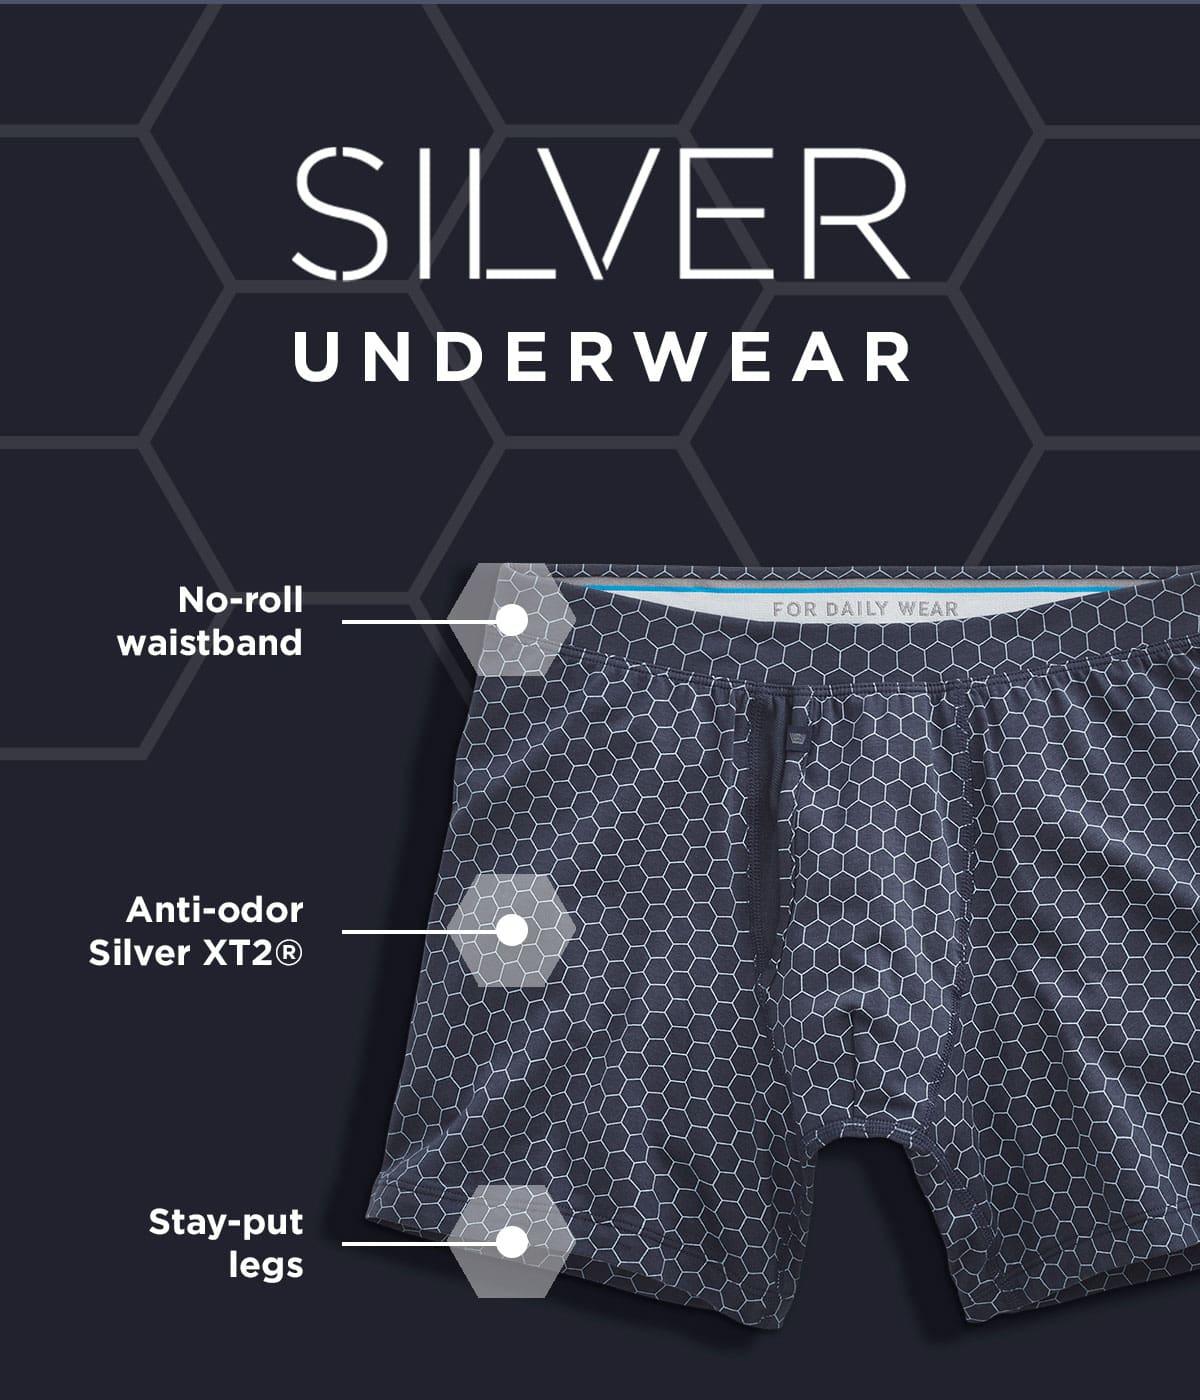 Silver Underwear